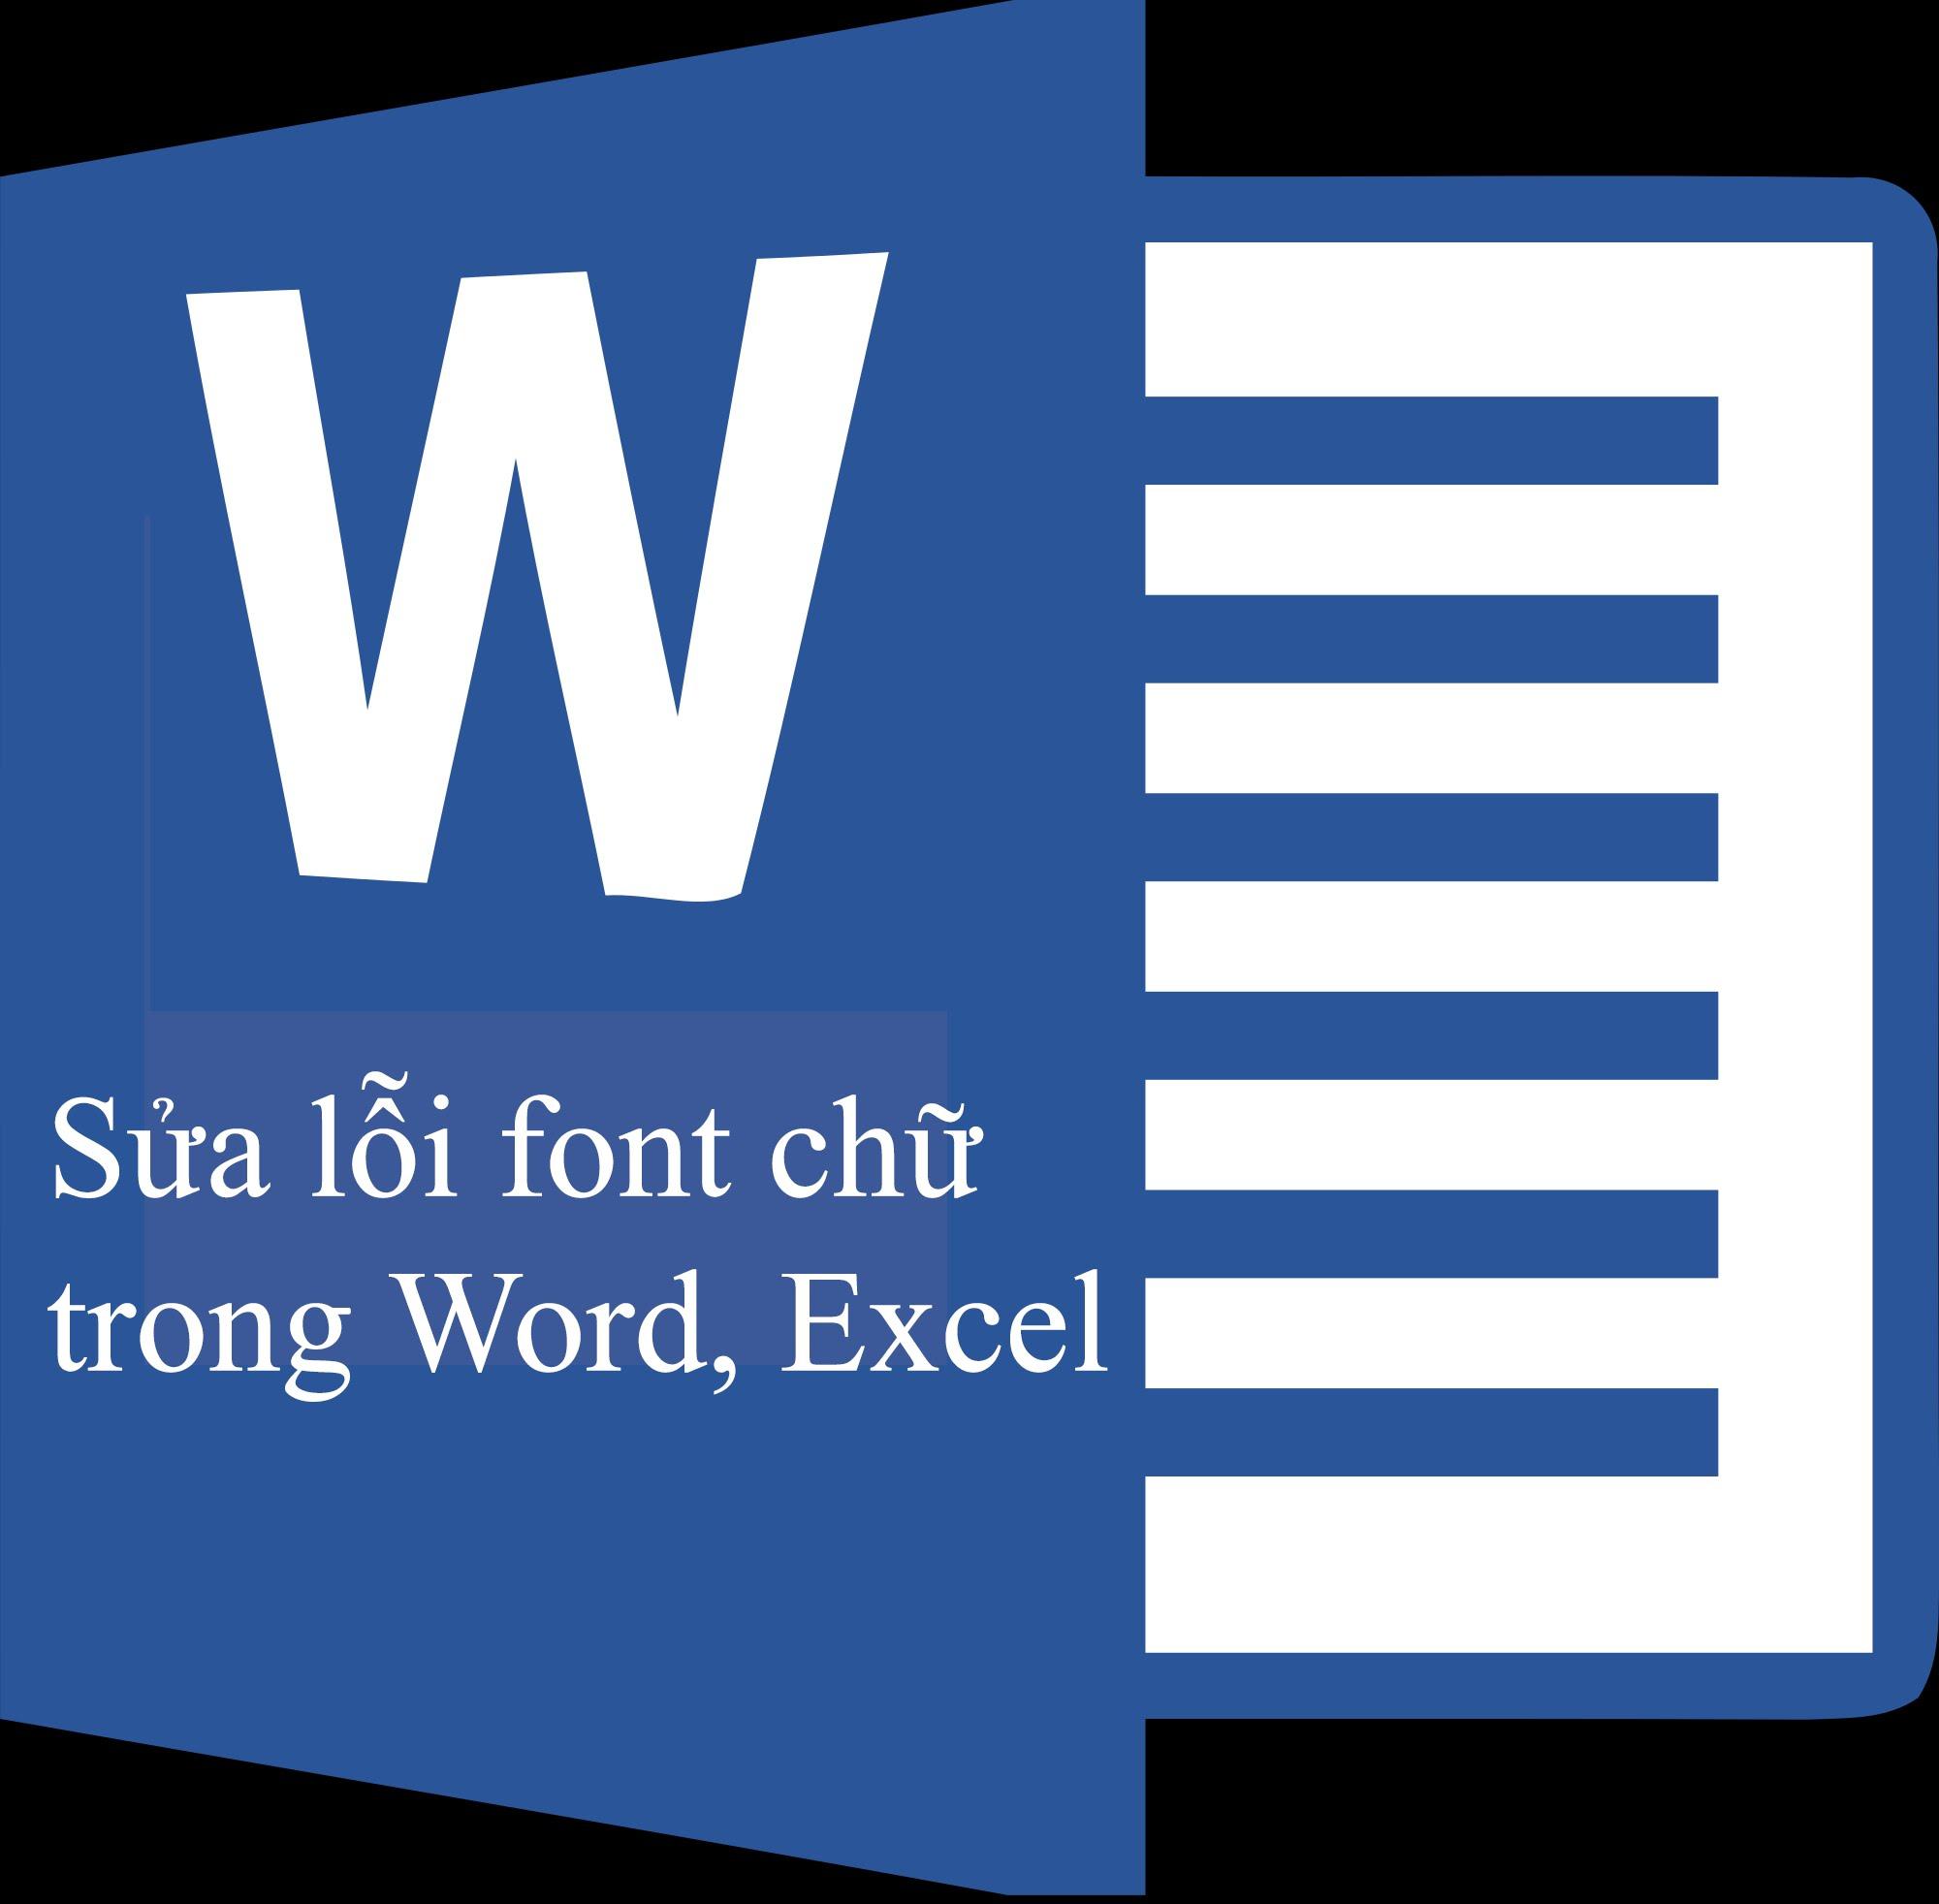 Cách sửa lỗi phông chữ trong word 2007, 2010, 2013, 2016